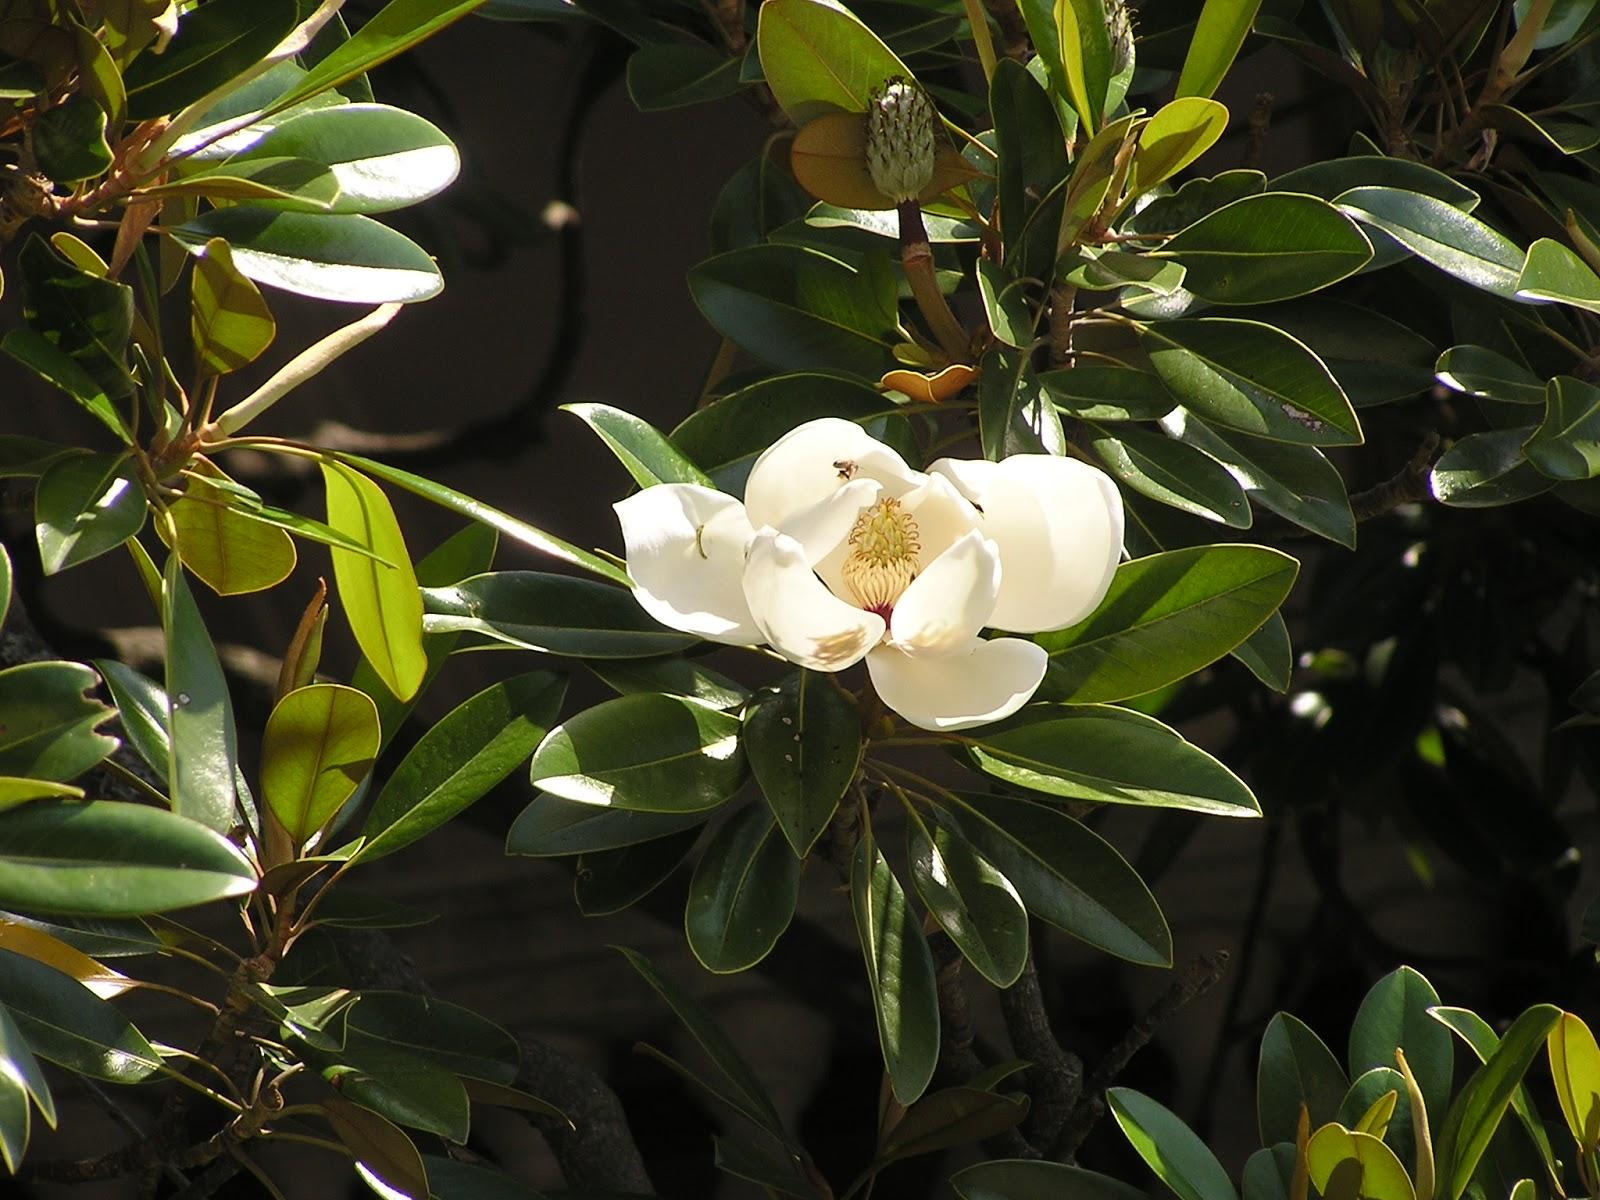 Cuidados del rbol de magnolia verano galissoni re for Arboles de hoja perenne de jardin